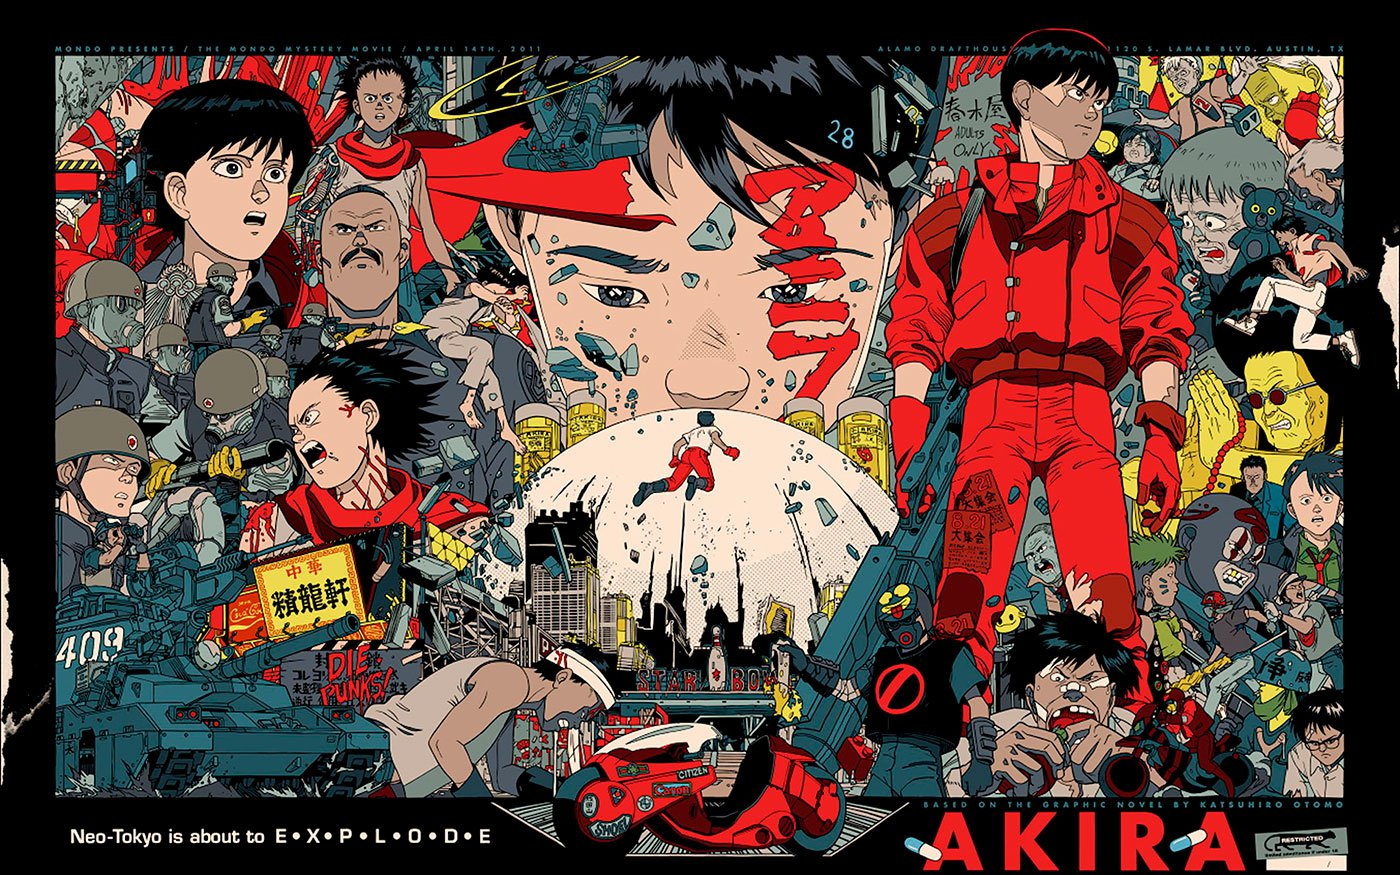 Манга «Акира» — величайшее научно-фантастическое произведение всех времен